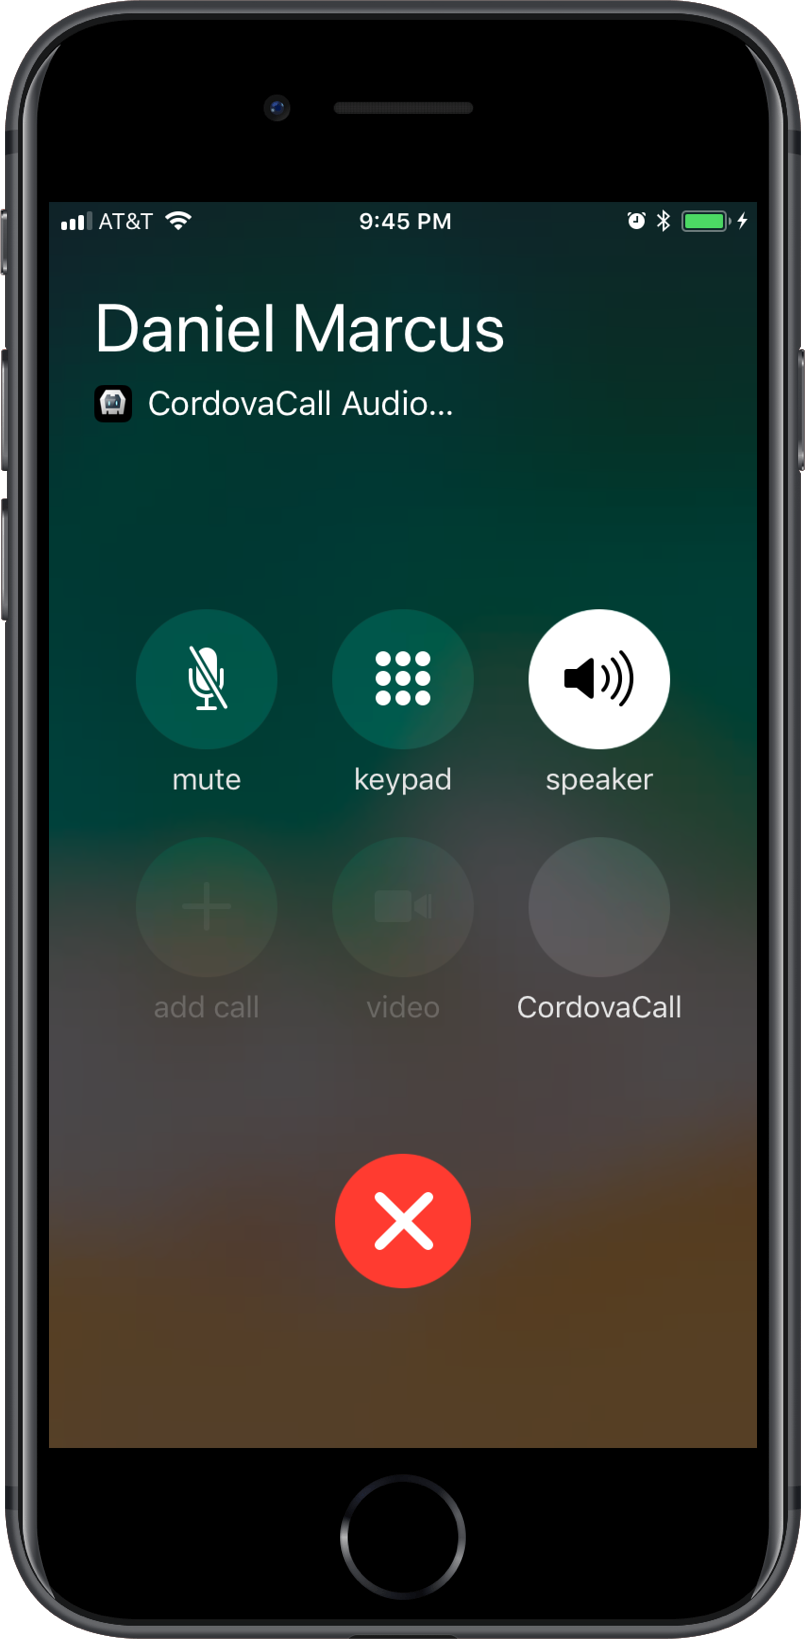 cordova-call - npm